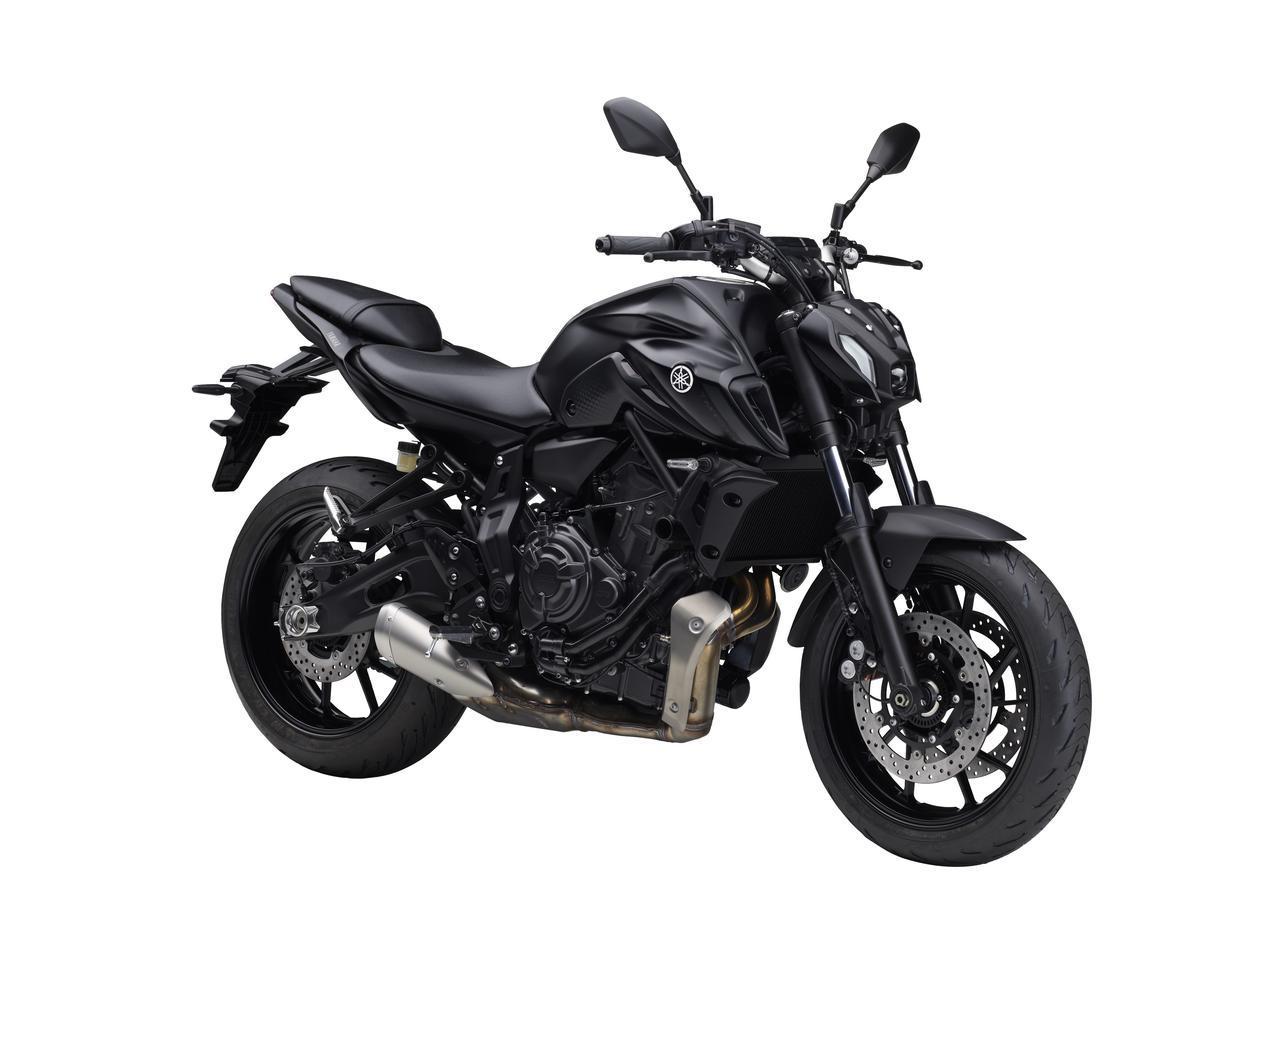 画像3: ヤマハが「MT-07」の2021年モデルを発売! 新デザイン採用・2気筒エンジンの熟成・ポジション変更も図るマイナーチェンジ